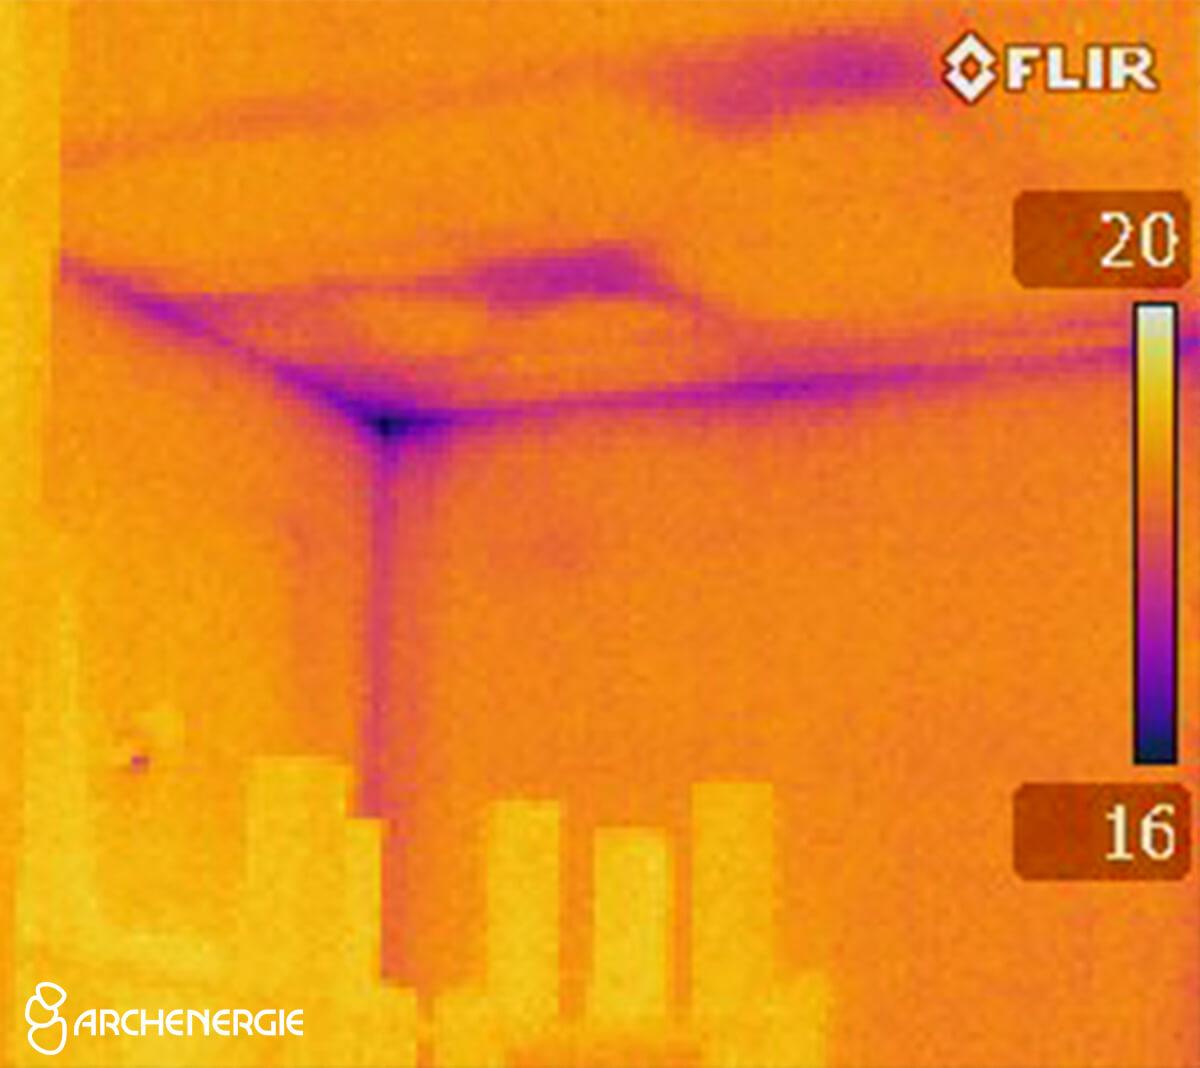 Rénovation Thermique Marcheprime - Archenergie